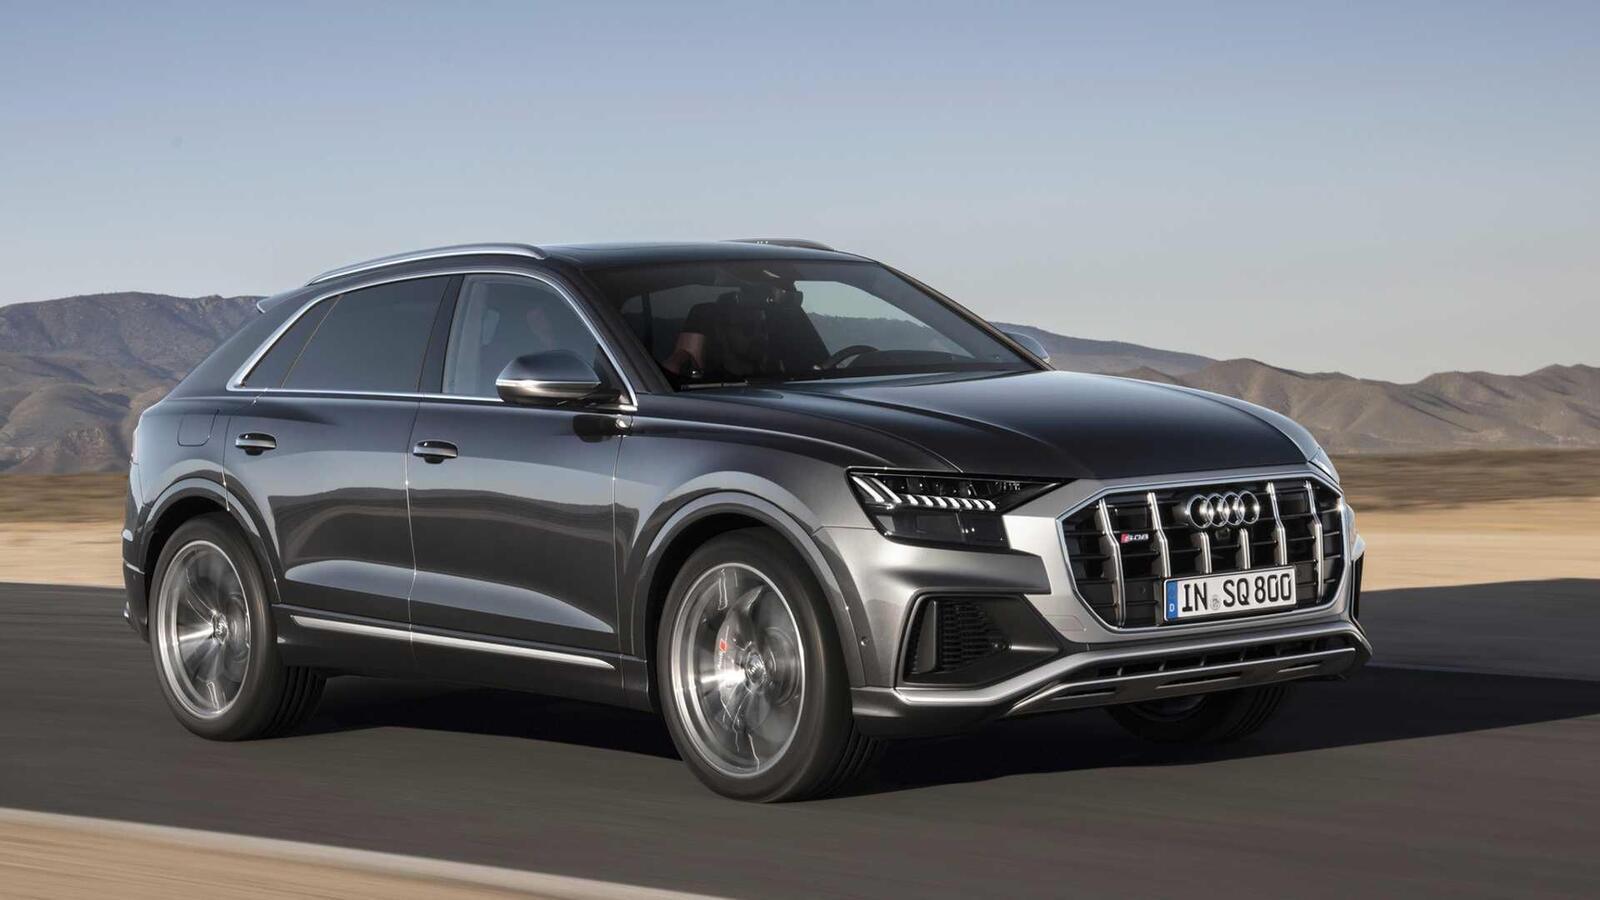 Audi SQ8 ra mắt lắp máy dầu V8 4.0L mild hybrid mạnh 429 mã lực - Hình 2